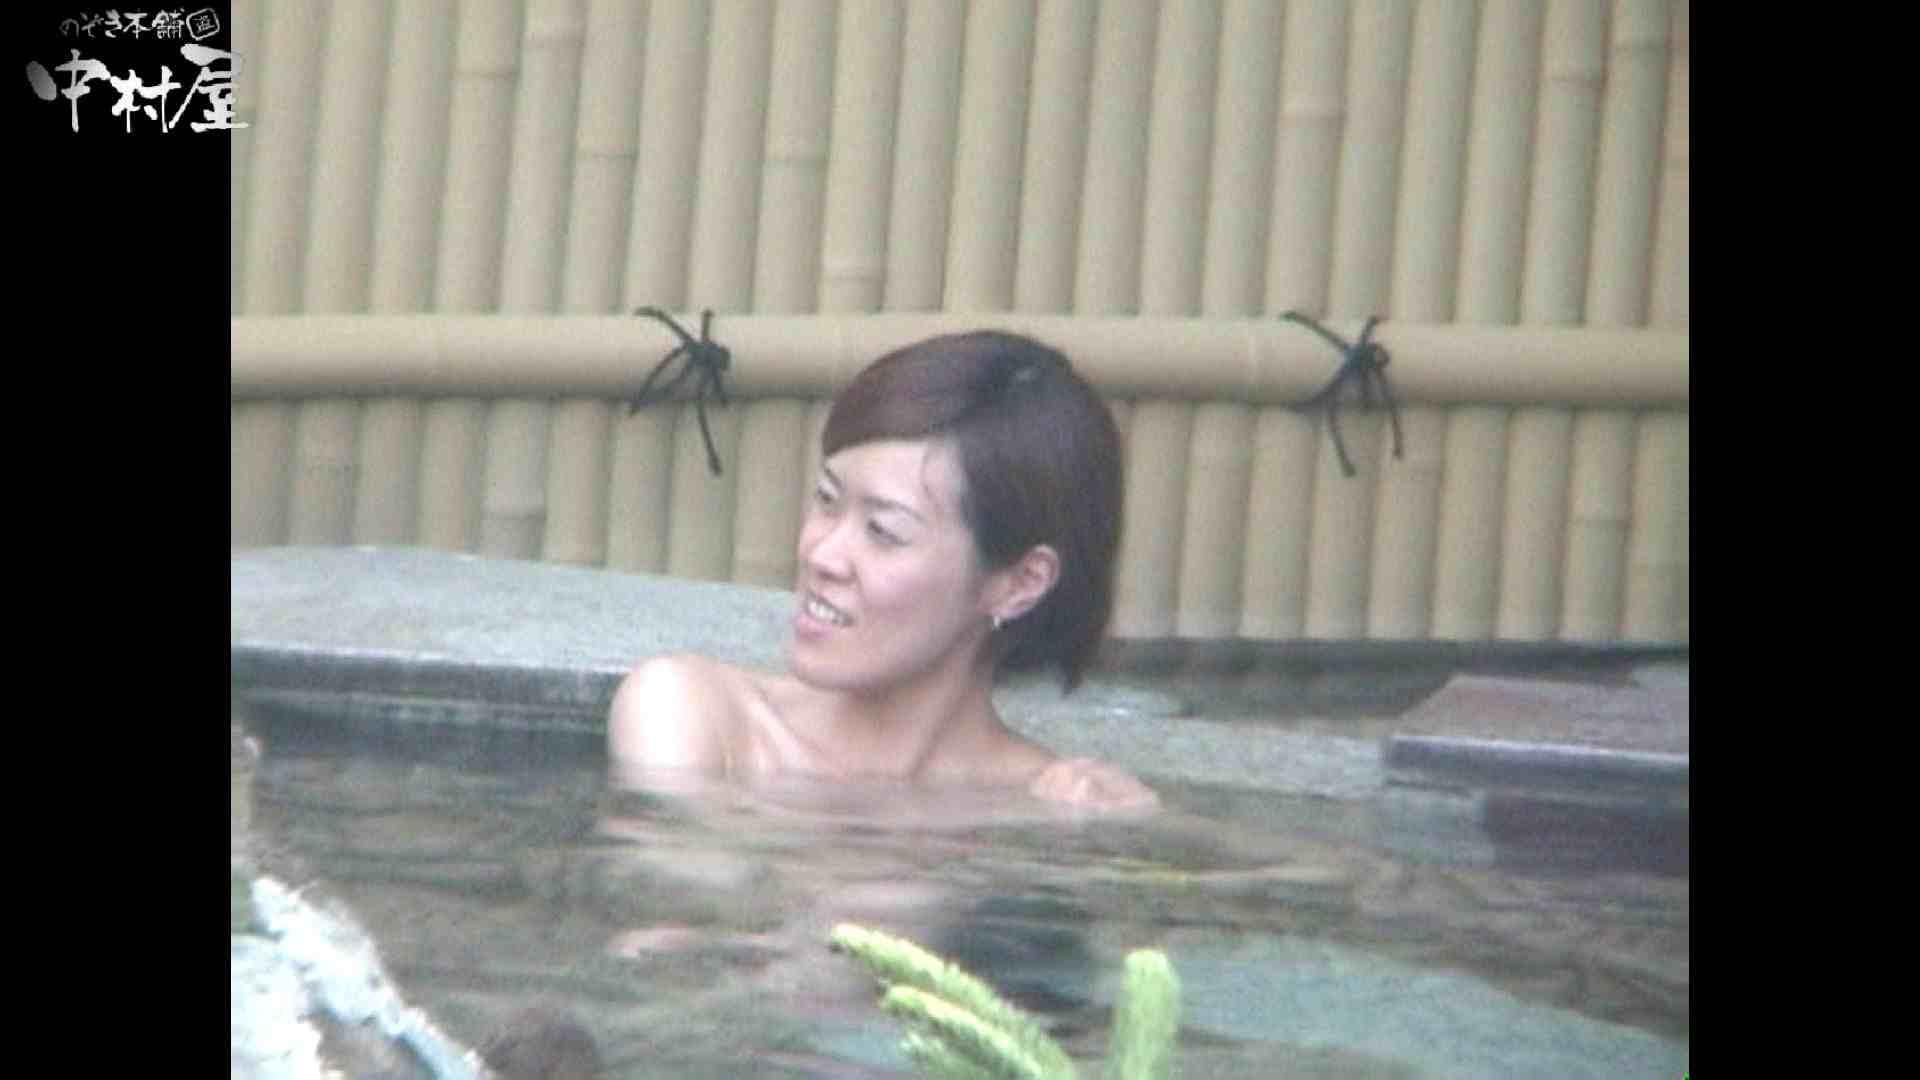 Aquaな露天風呂Vol.961 盗撮 スケベ動画紹介 104連発 35